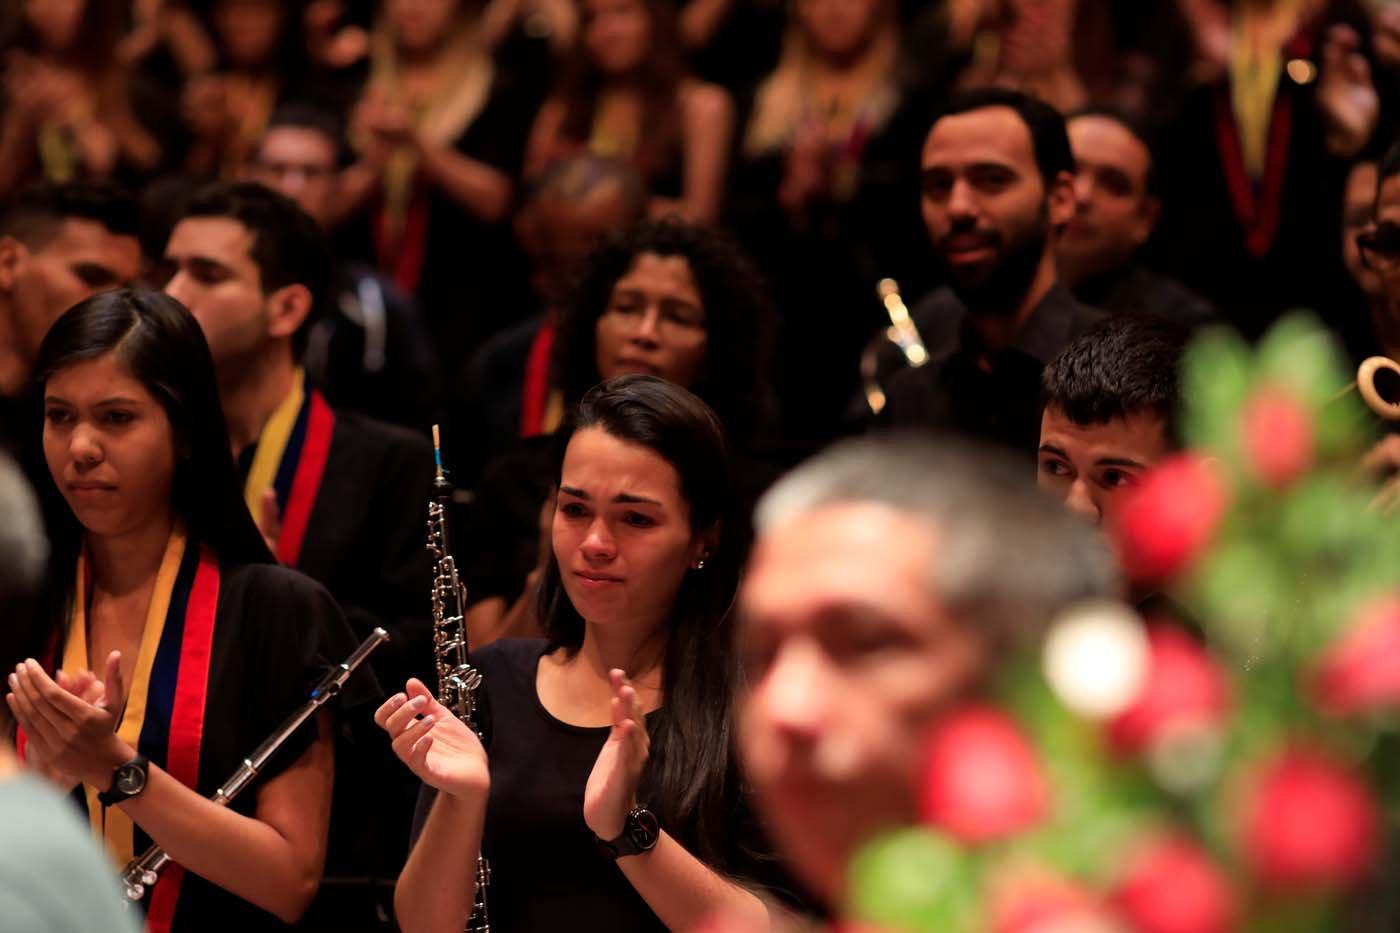 El emotivo adiós al maestro José Antonio Abreu